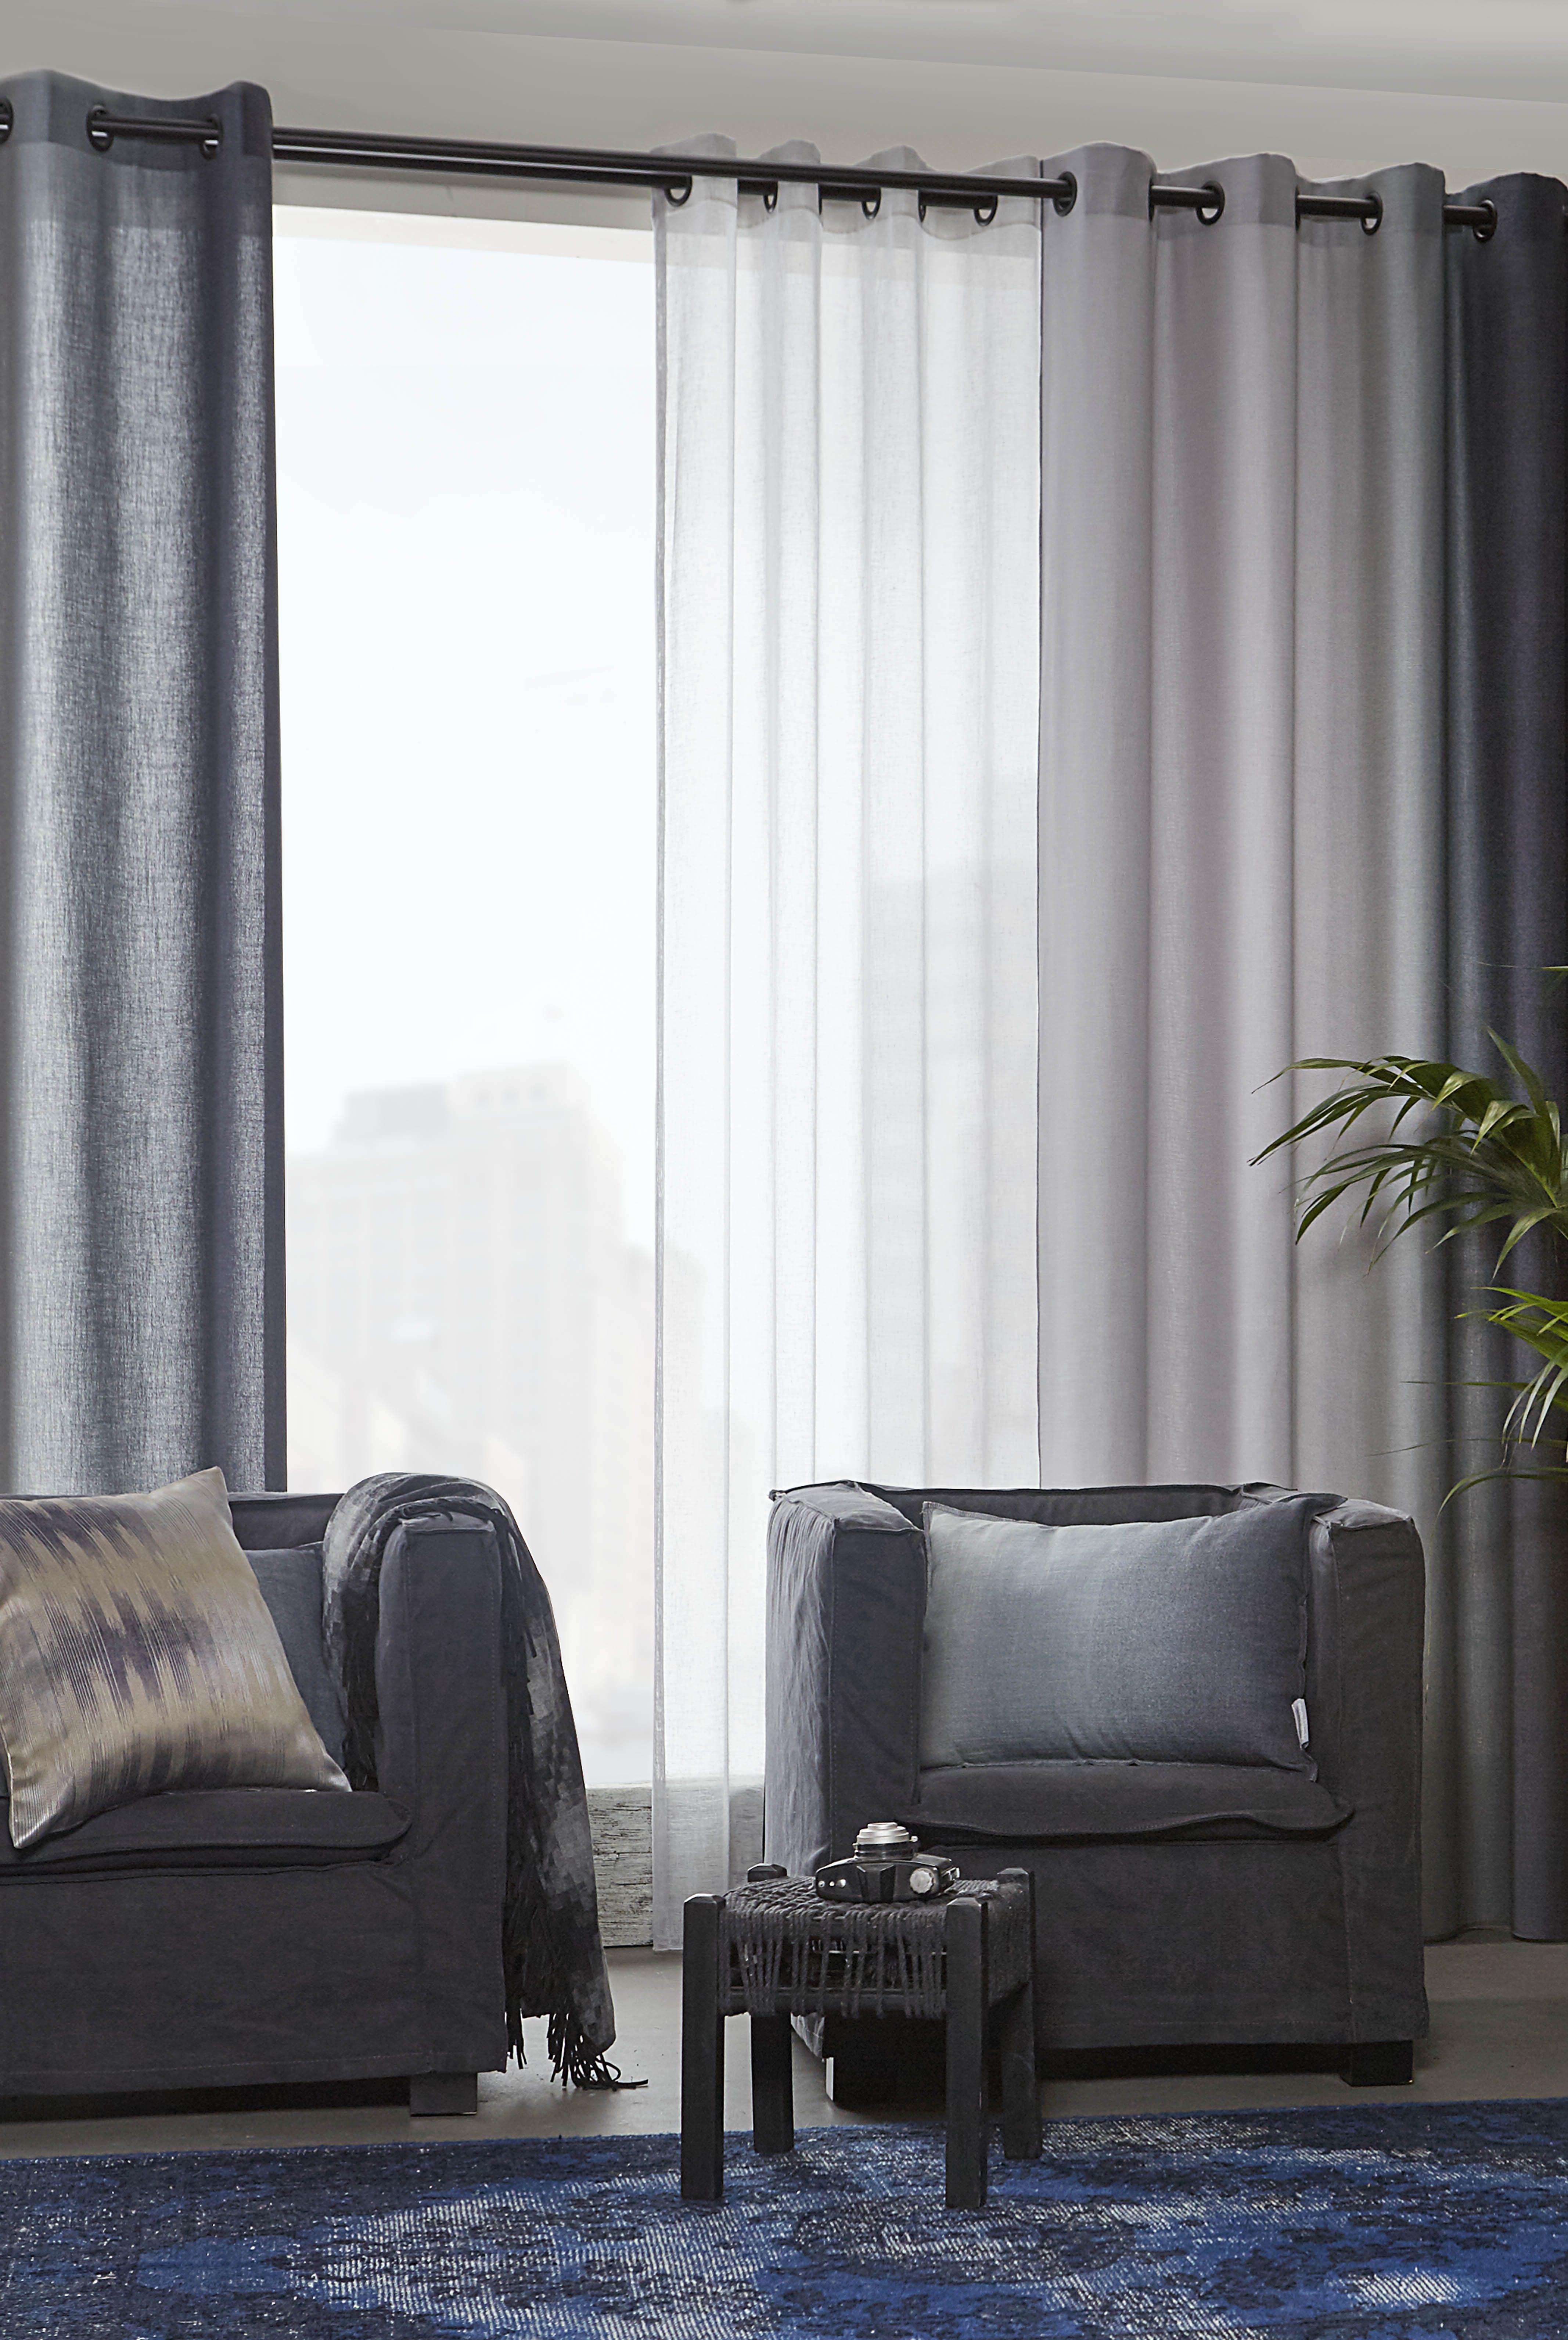 gordijnen uitgevoerd met zwarte ringen en roede zijn stijlvol en stoer tegelijk basic inbetween gordijn maran 43 grijsblauw met gordijn dusk 04 met